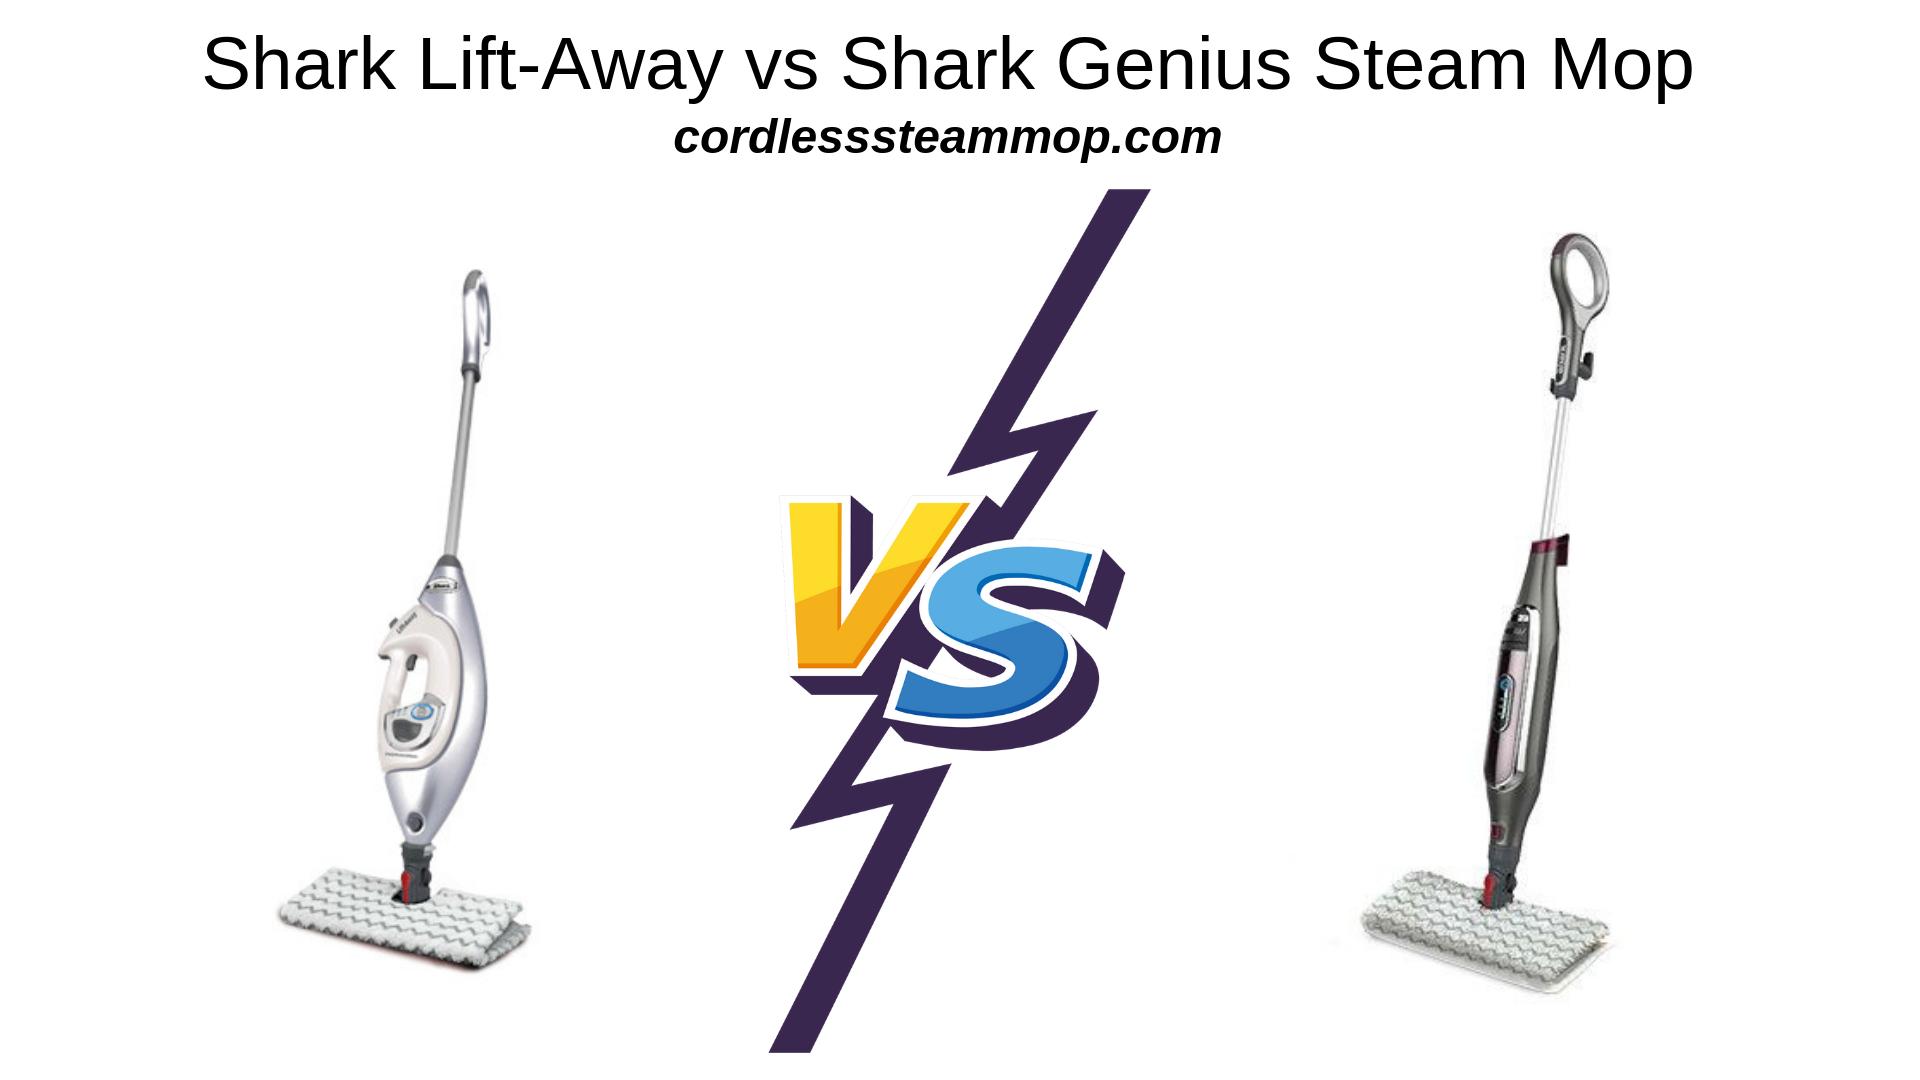 Shark Lift-Awayvs Shark Genius Steam Mop